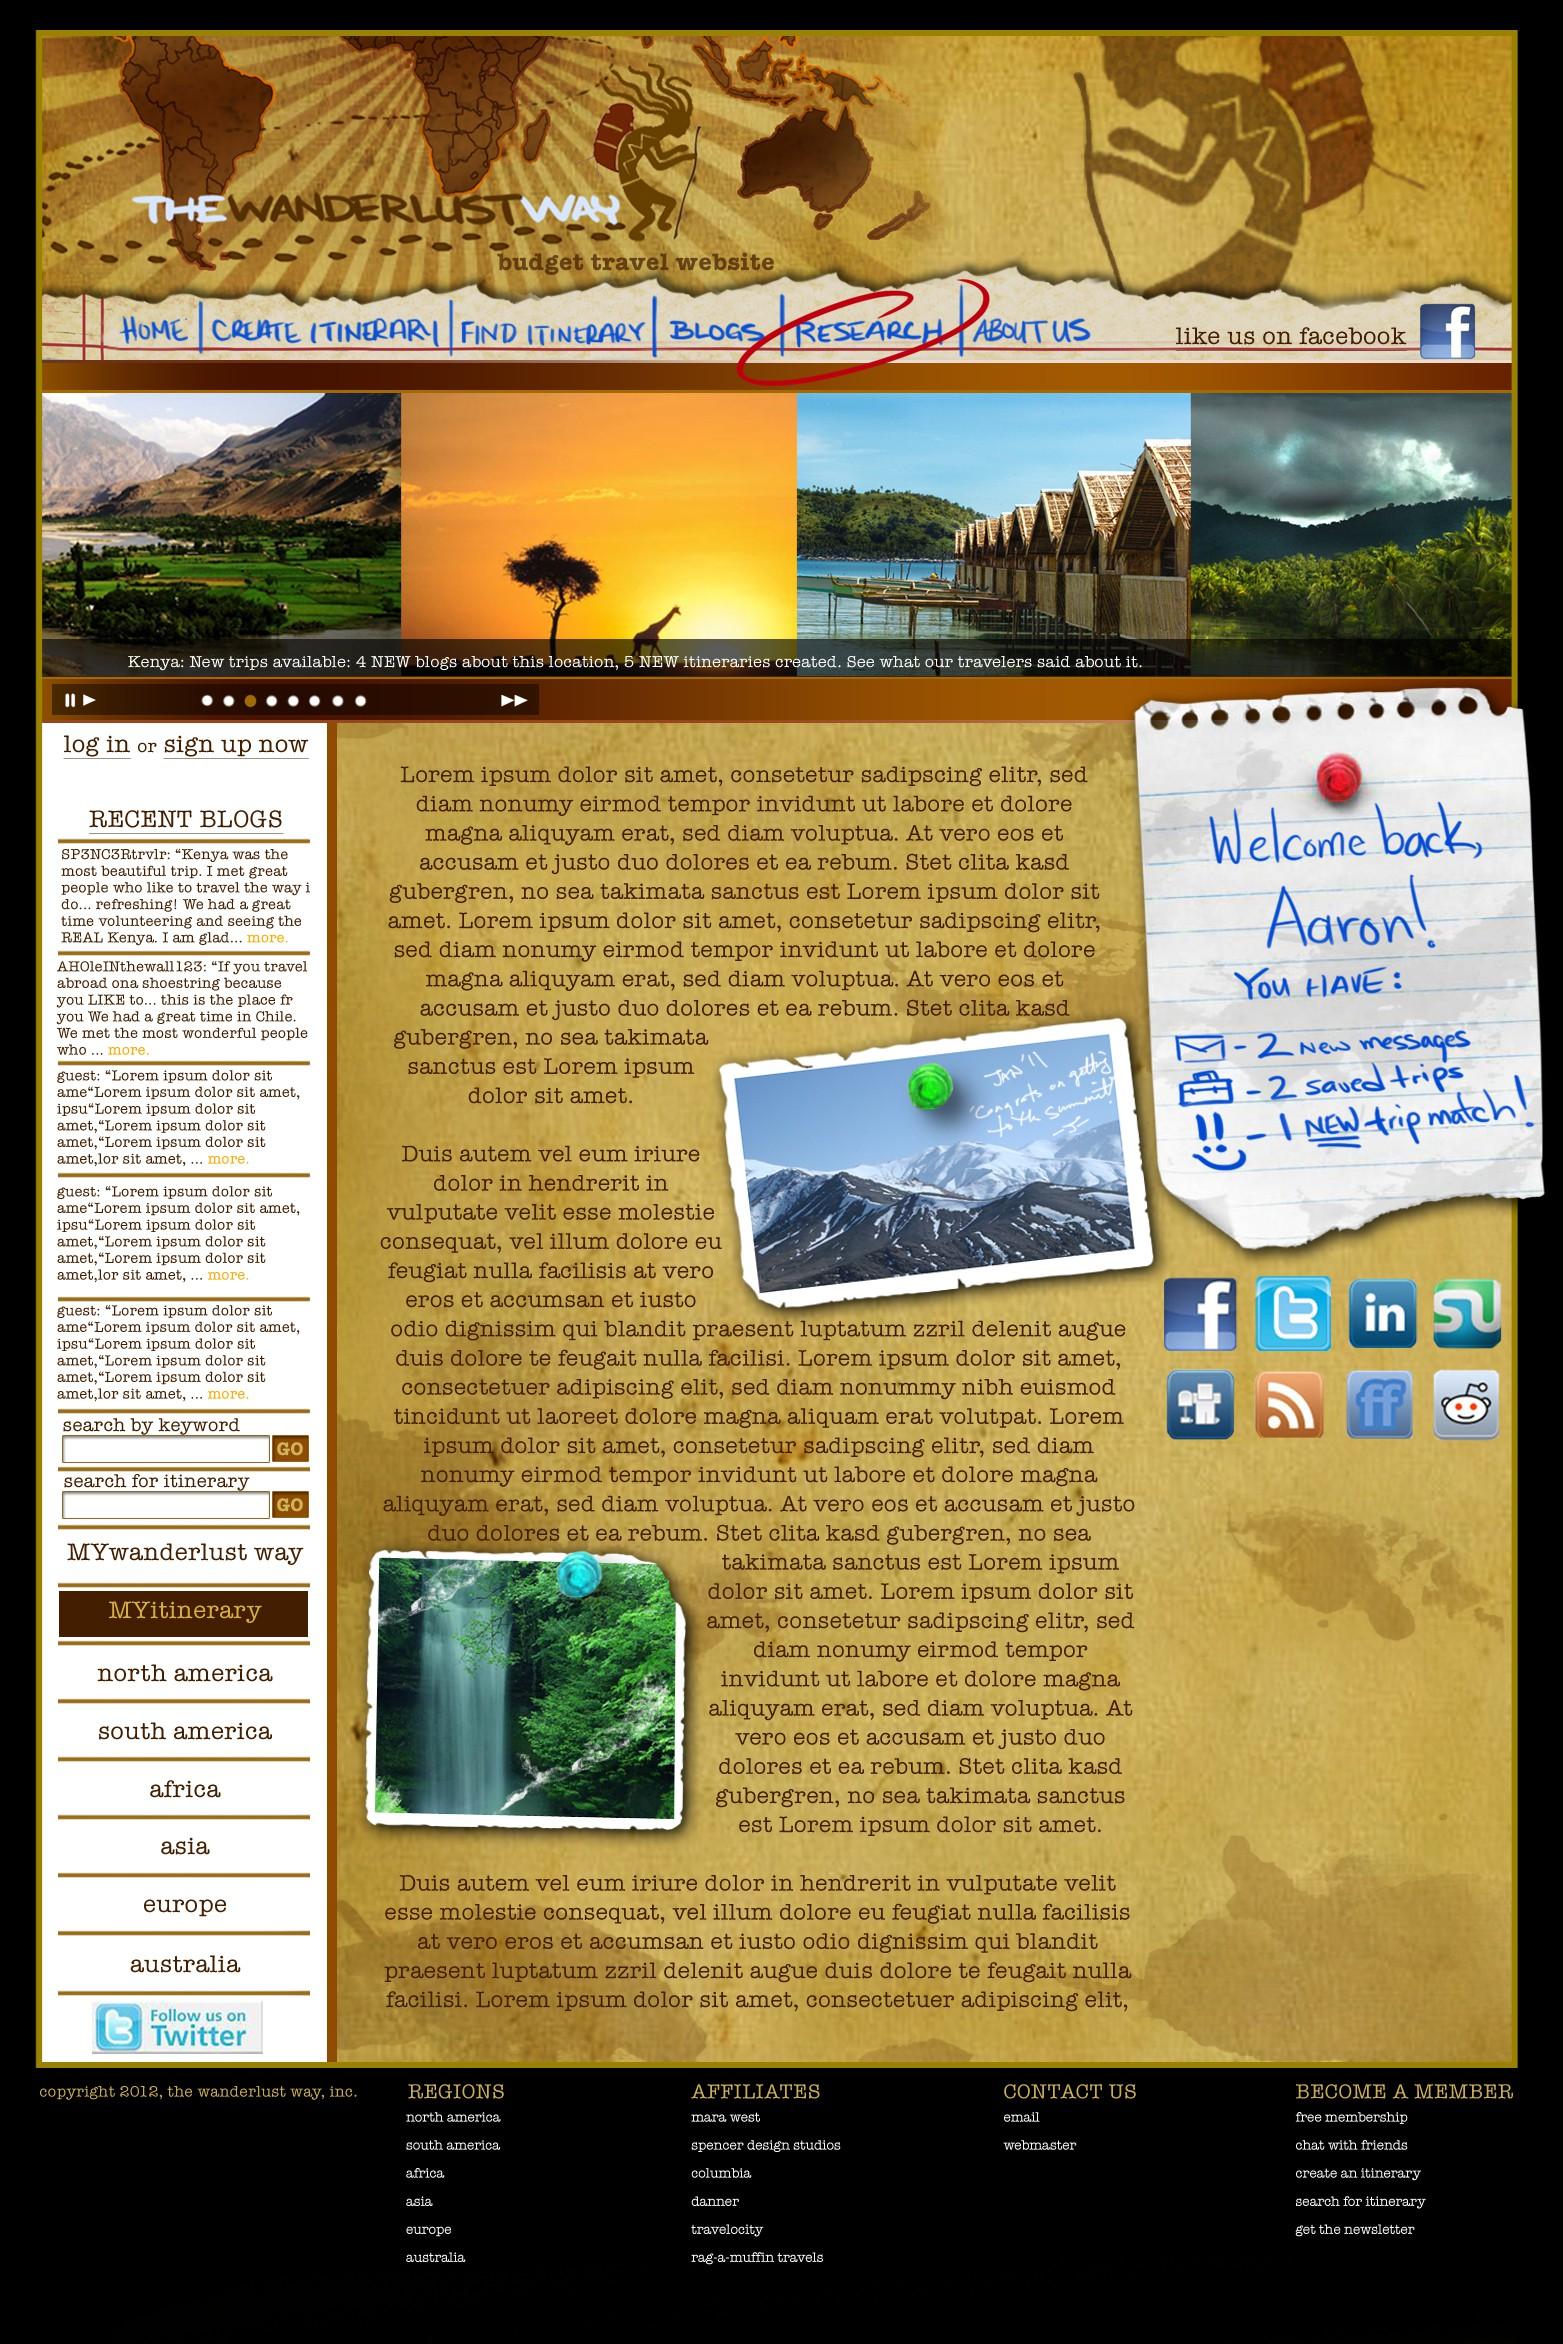 The Wanderlust Way adventure travel website